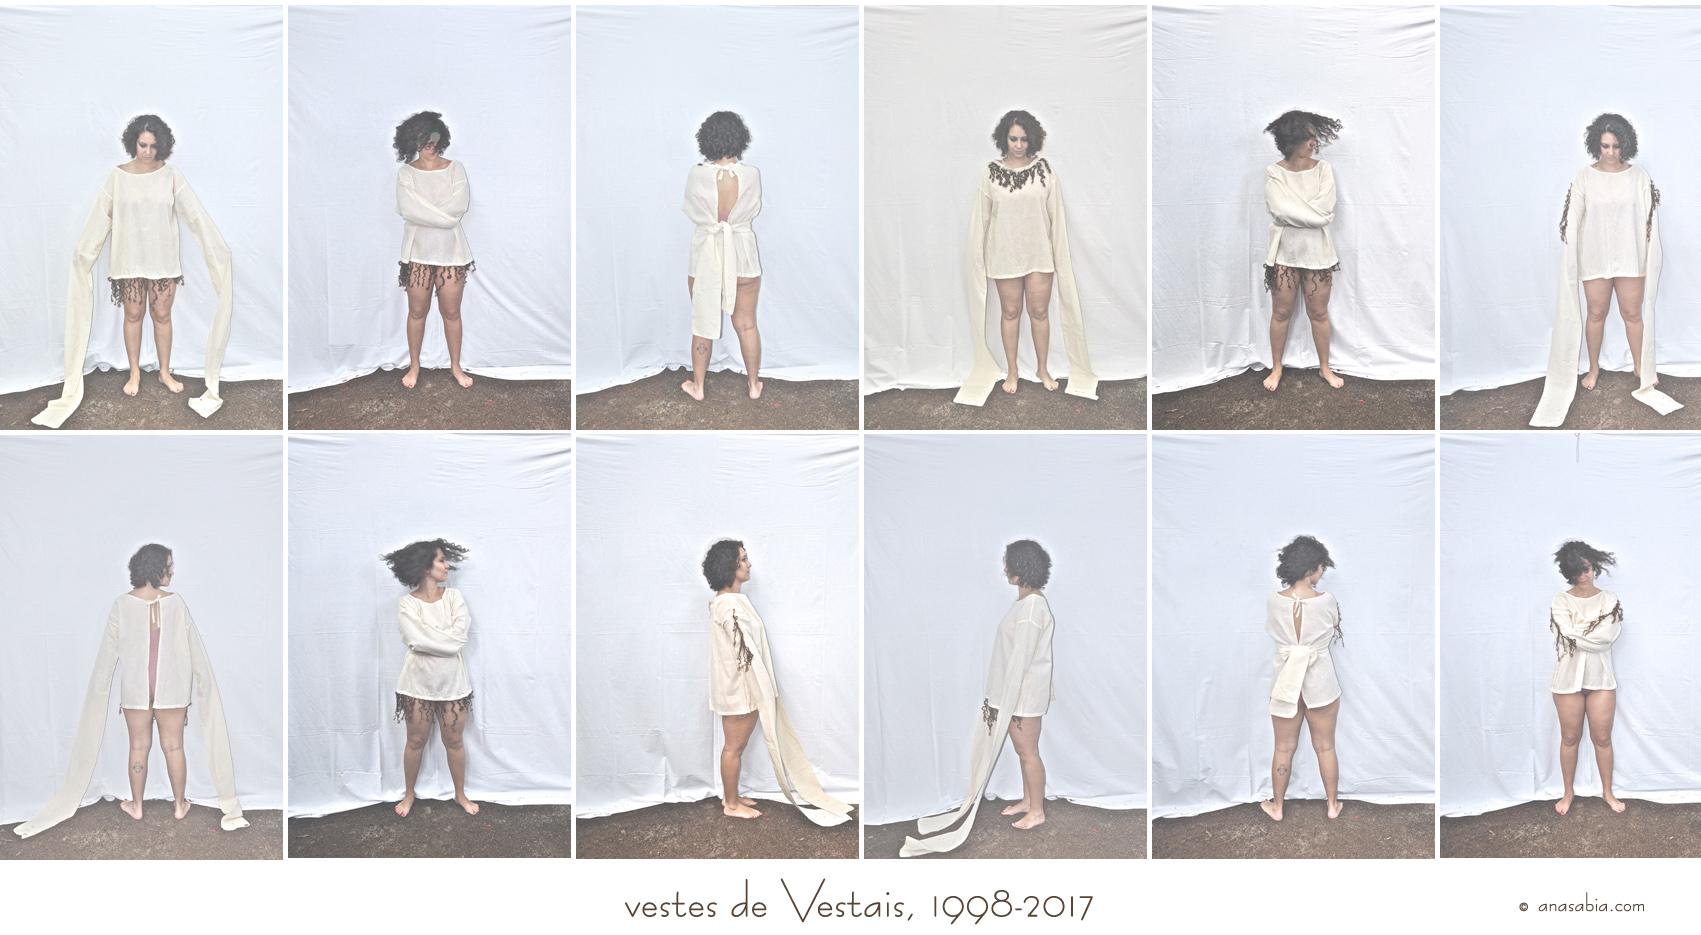 vestes de Vestais, 1998-2017